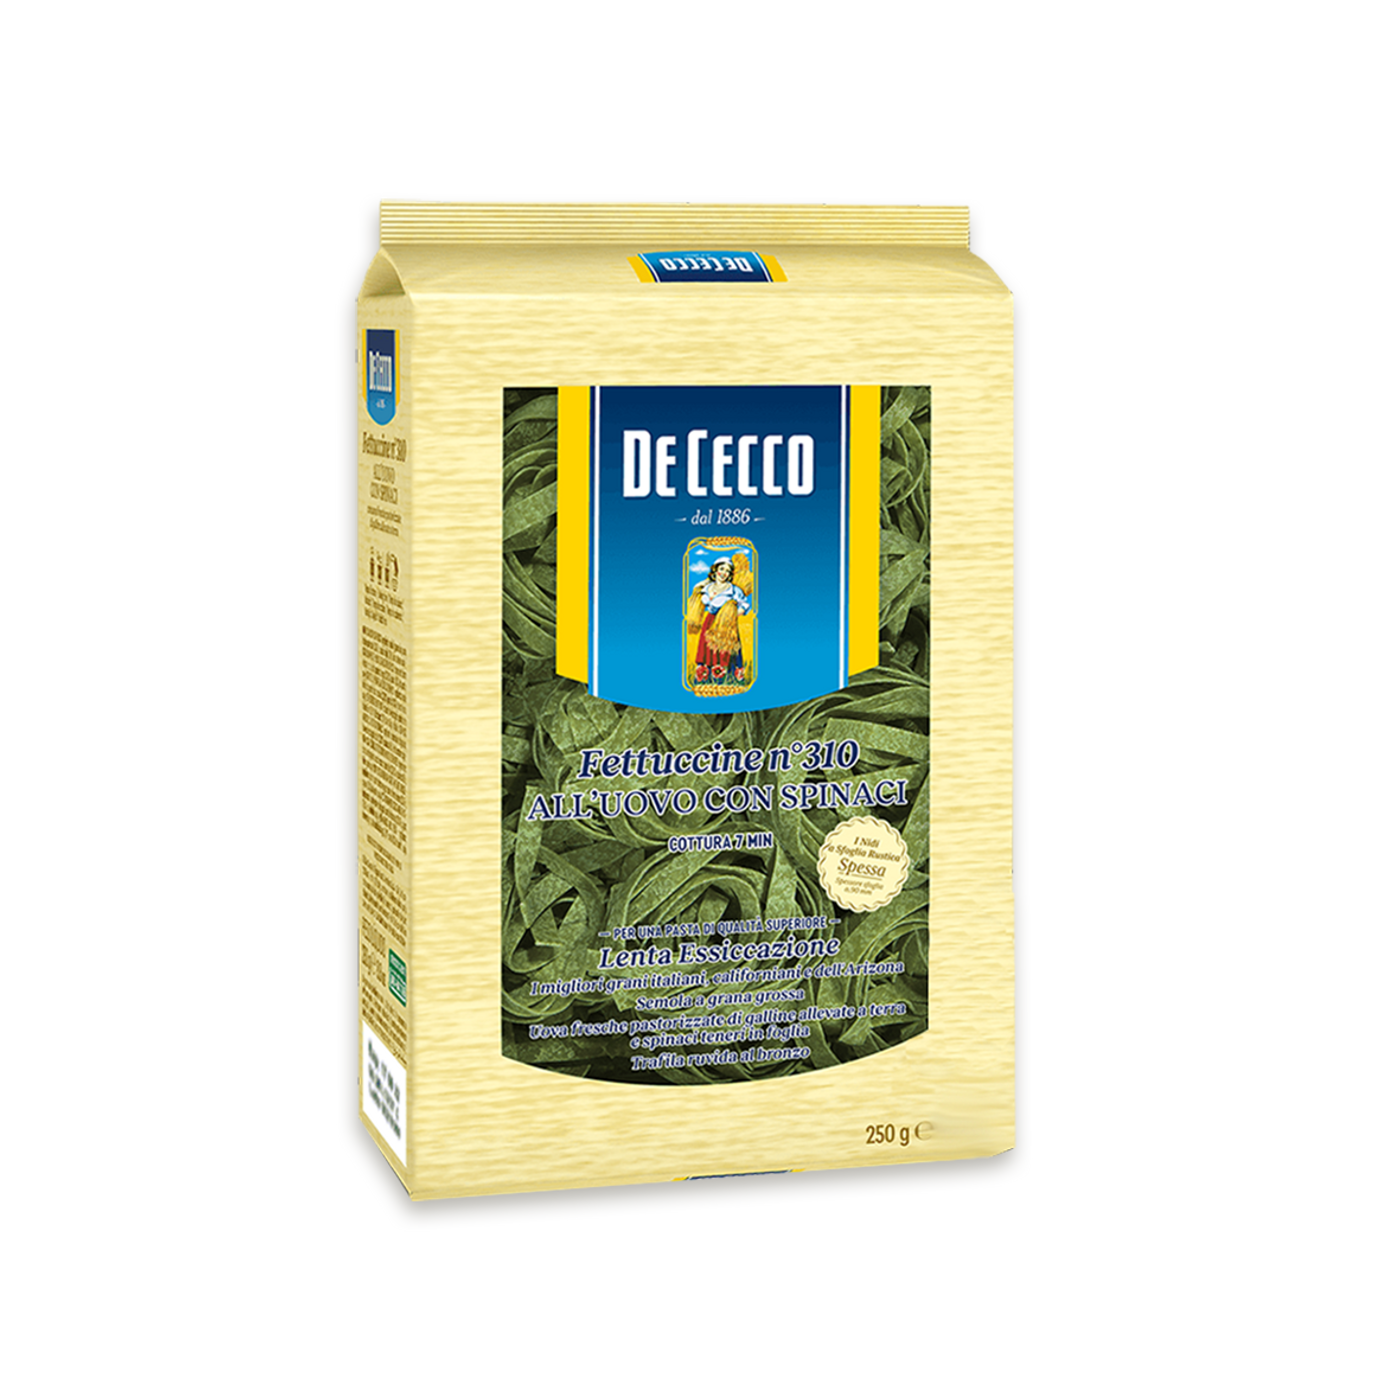 Fettuccine Uovo Con Spinaci N.310